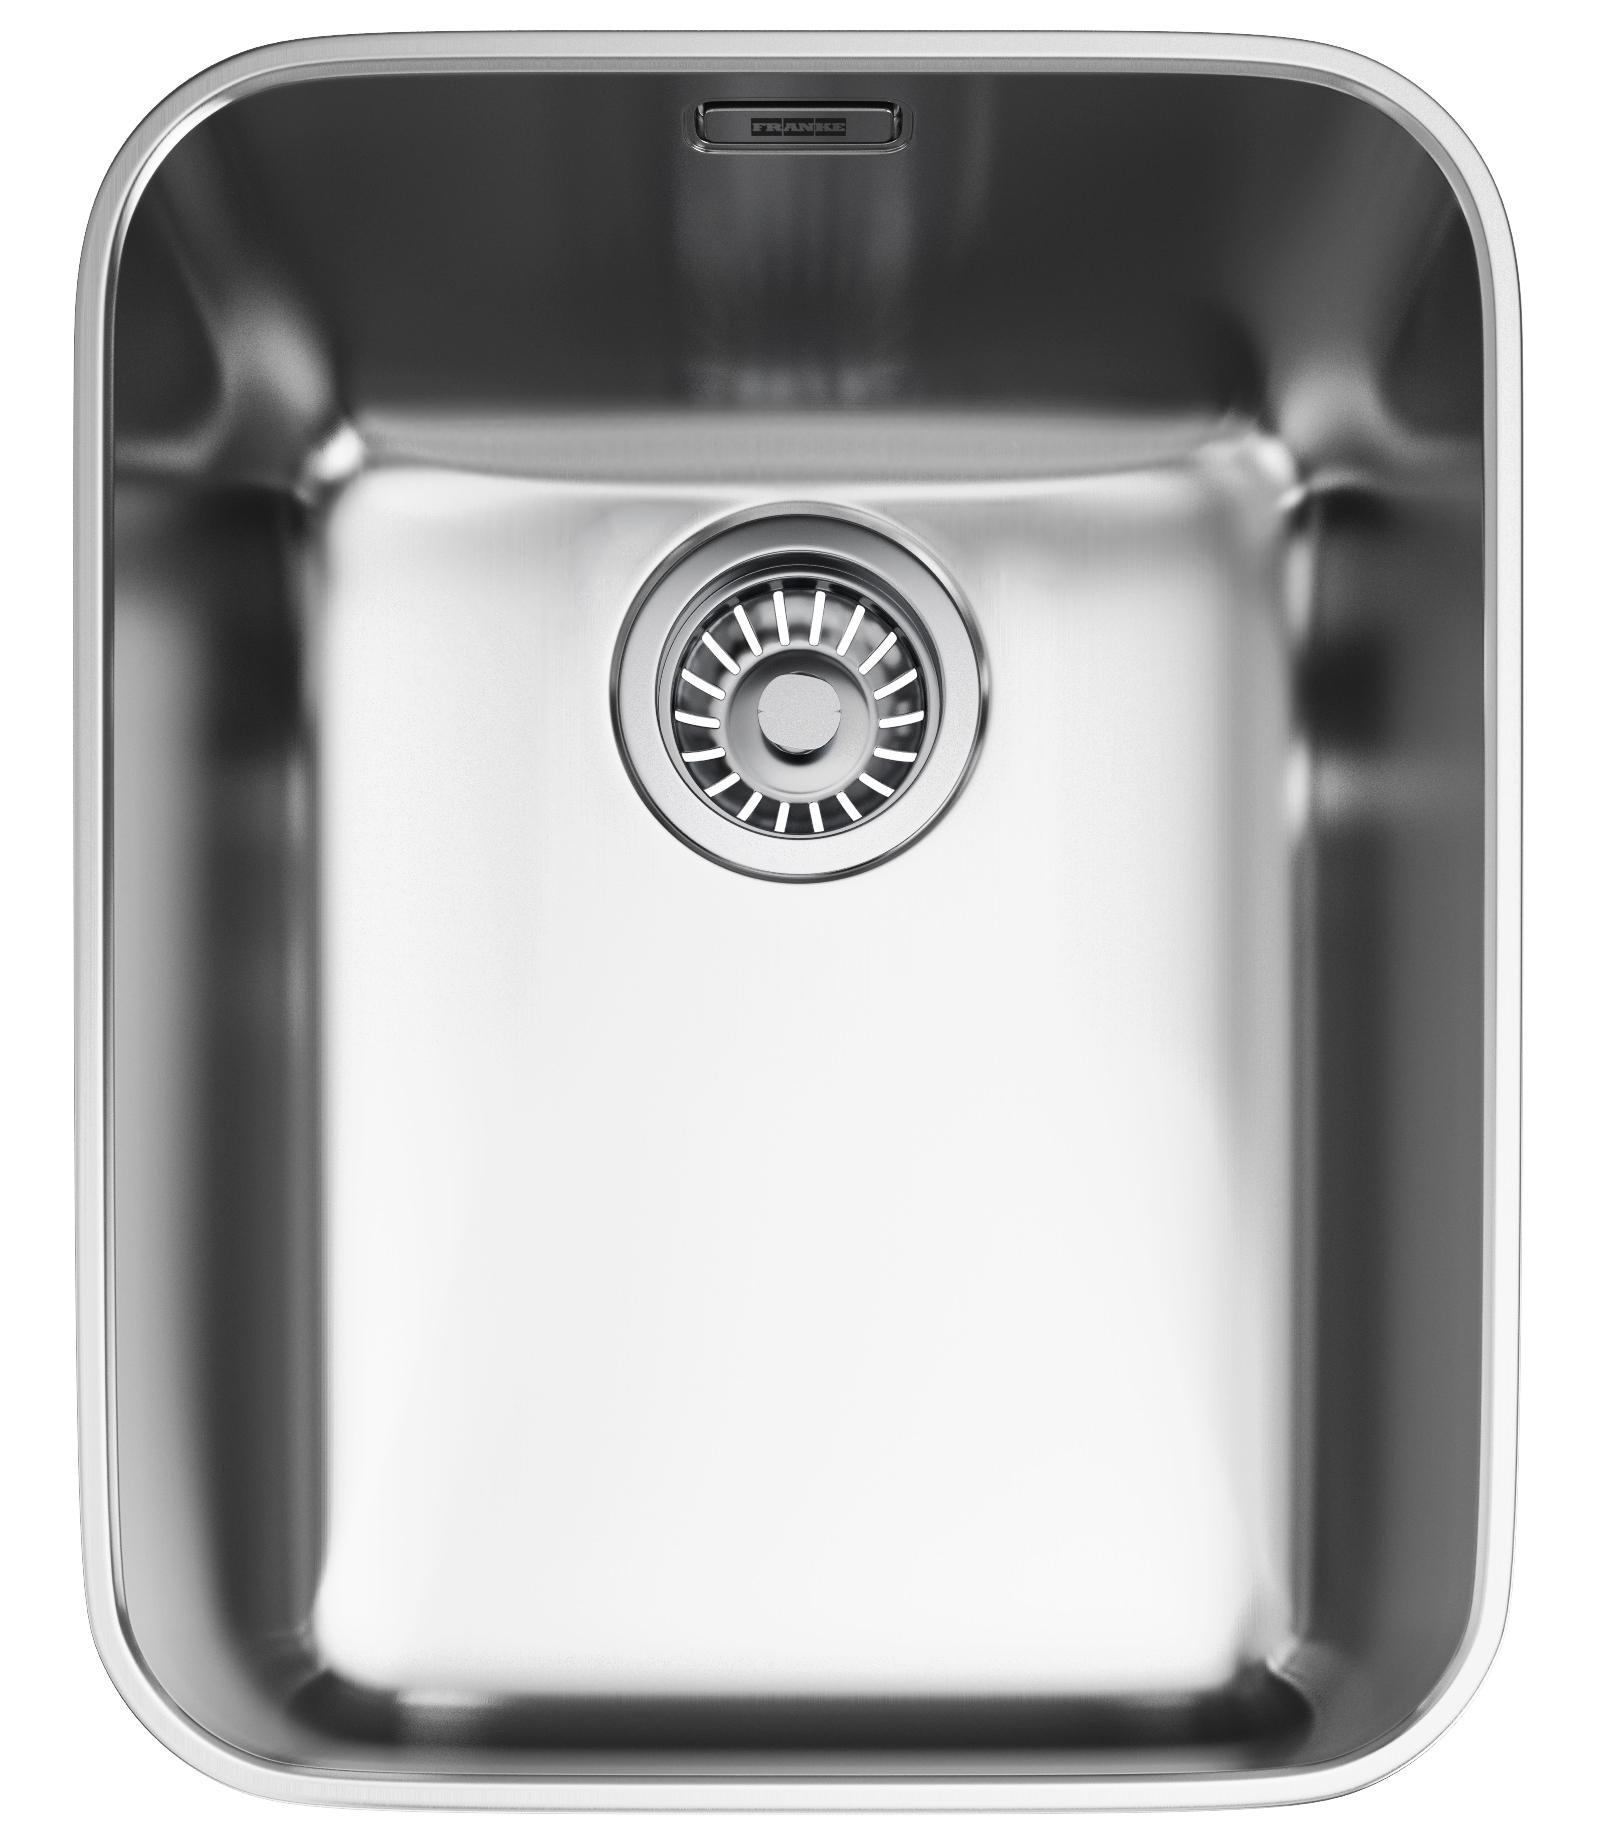 Franke Ariane ARX 110 35 Stainless Steel Undermount Sink